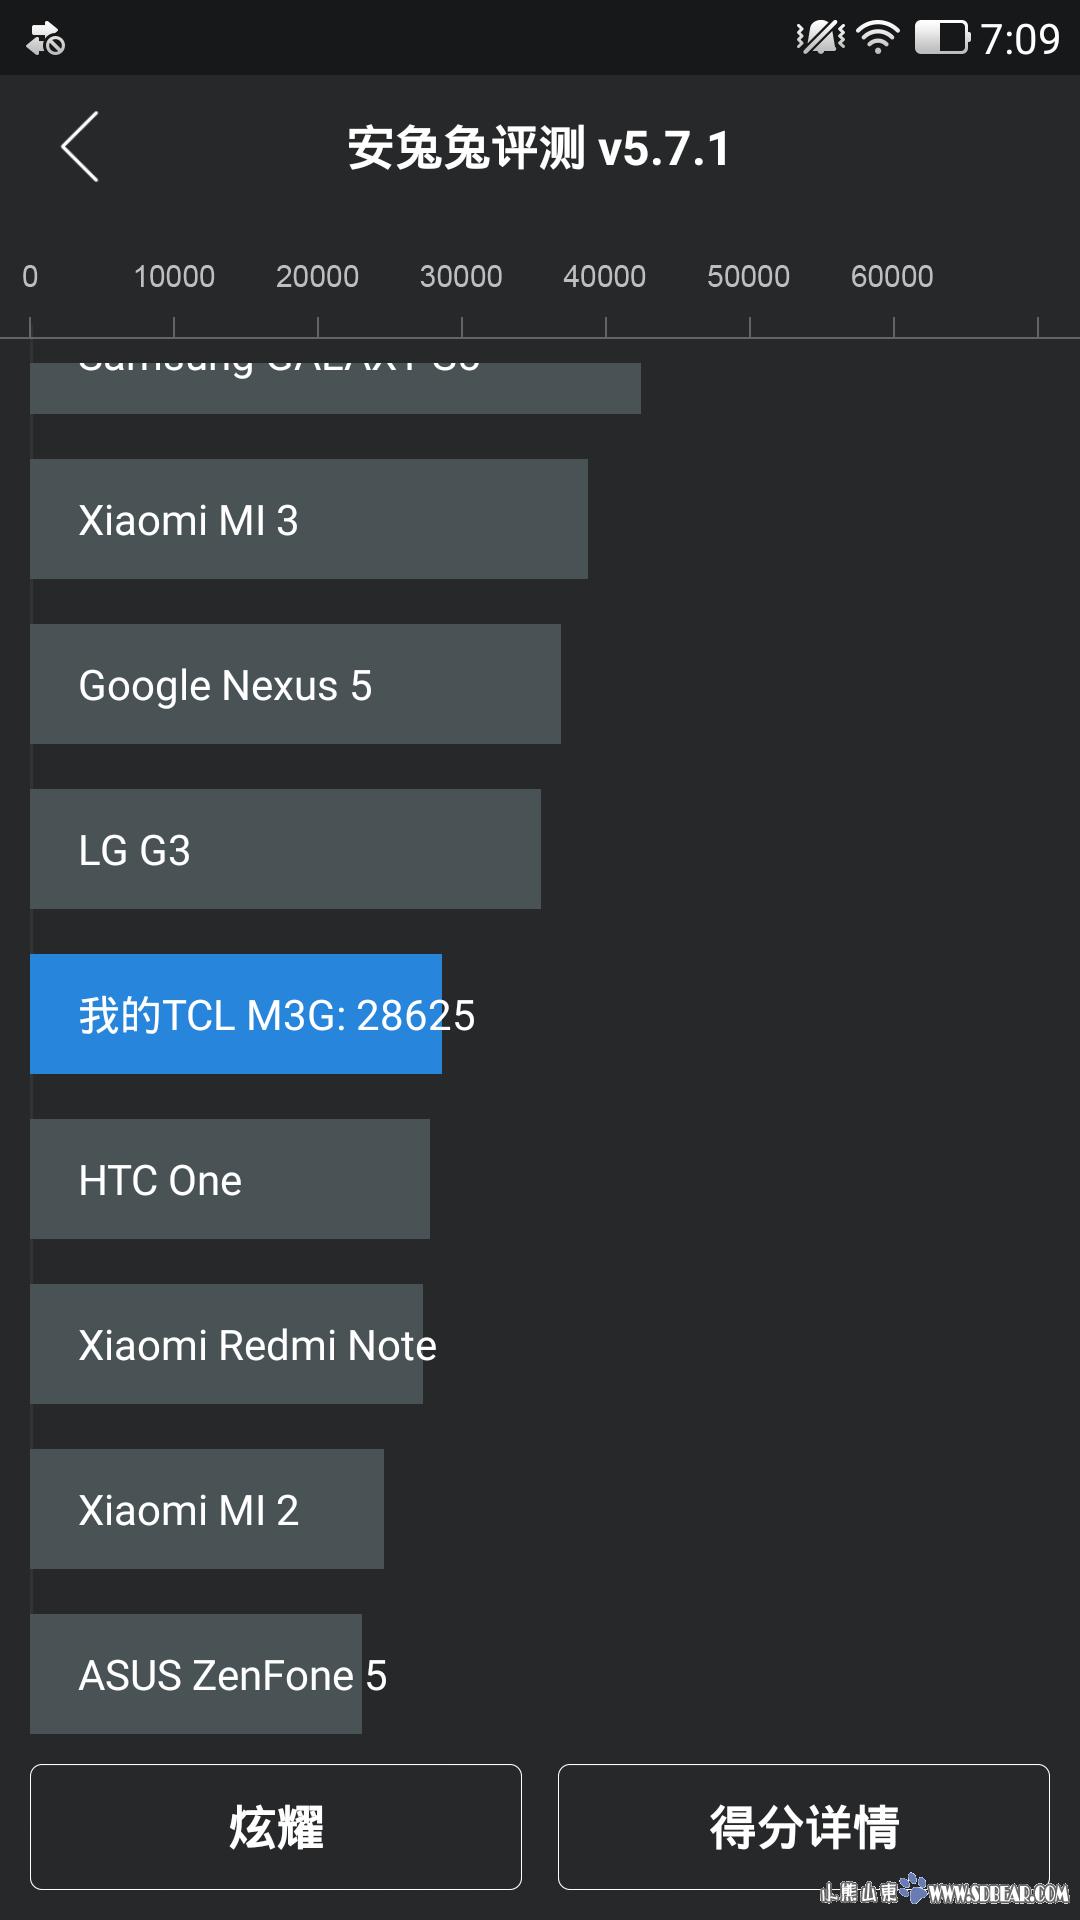 4G全网通 千元新王者 TCL么么哒3S评测